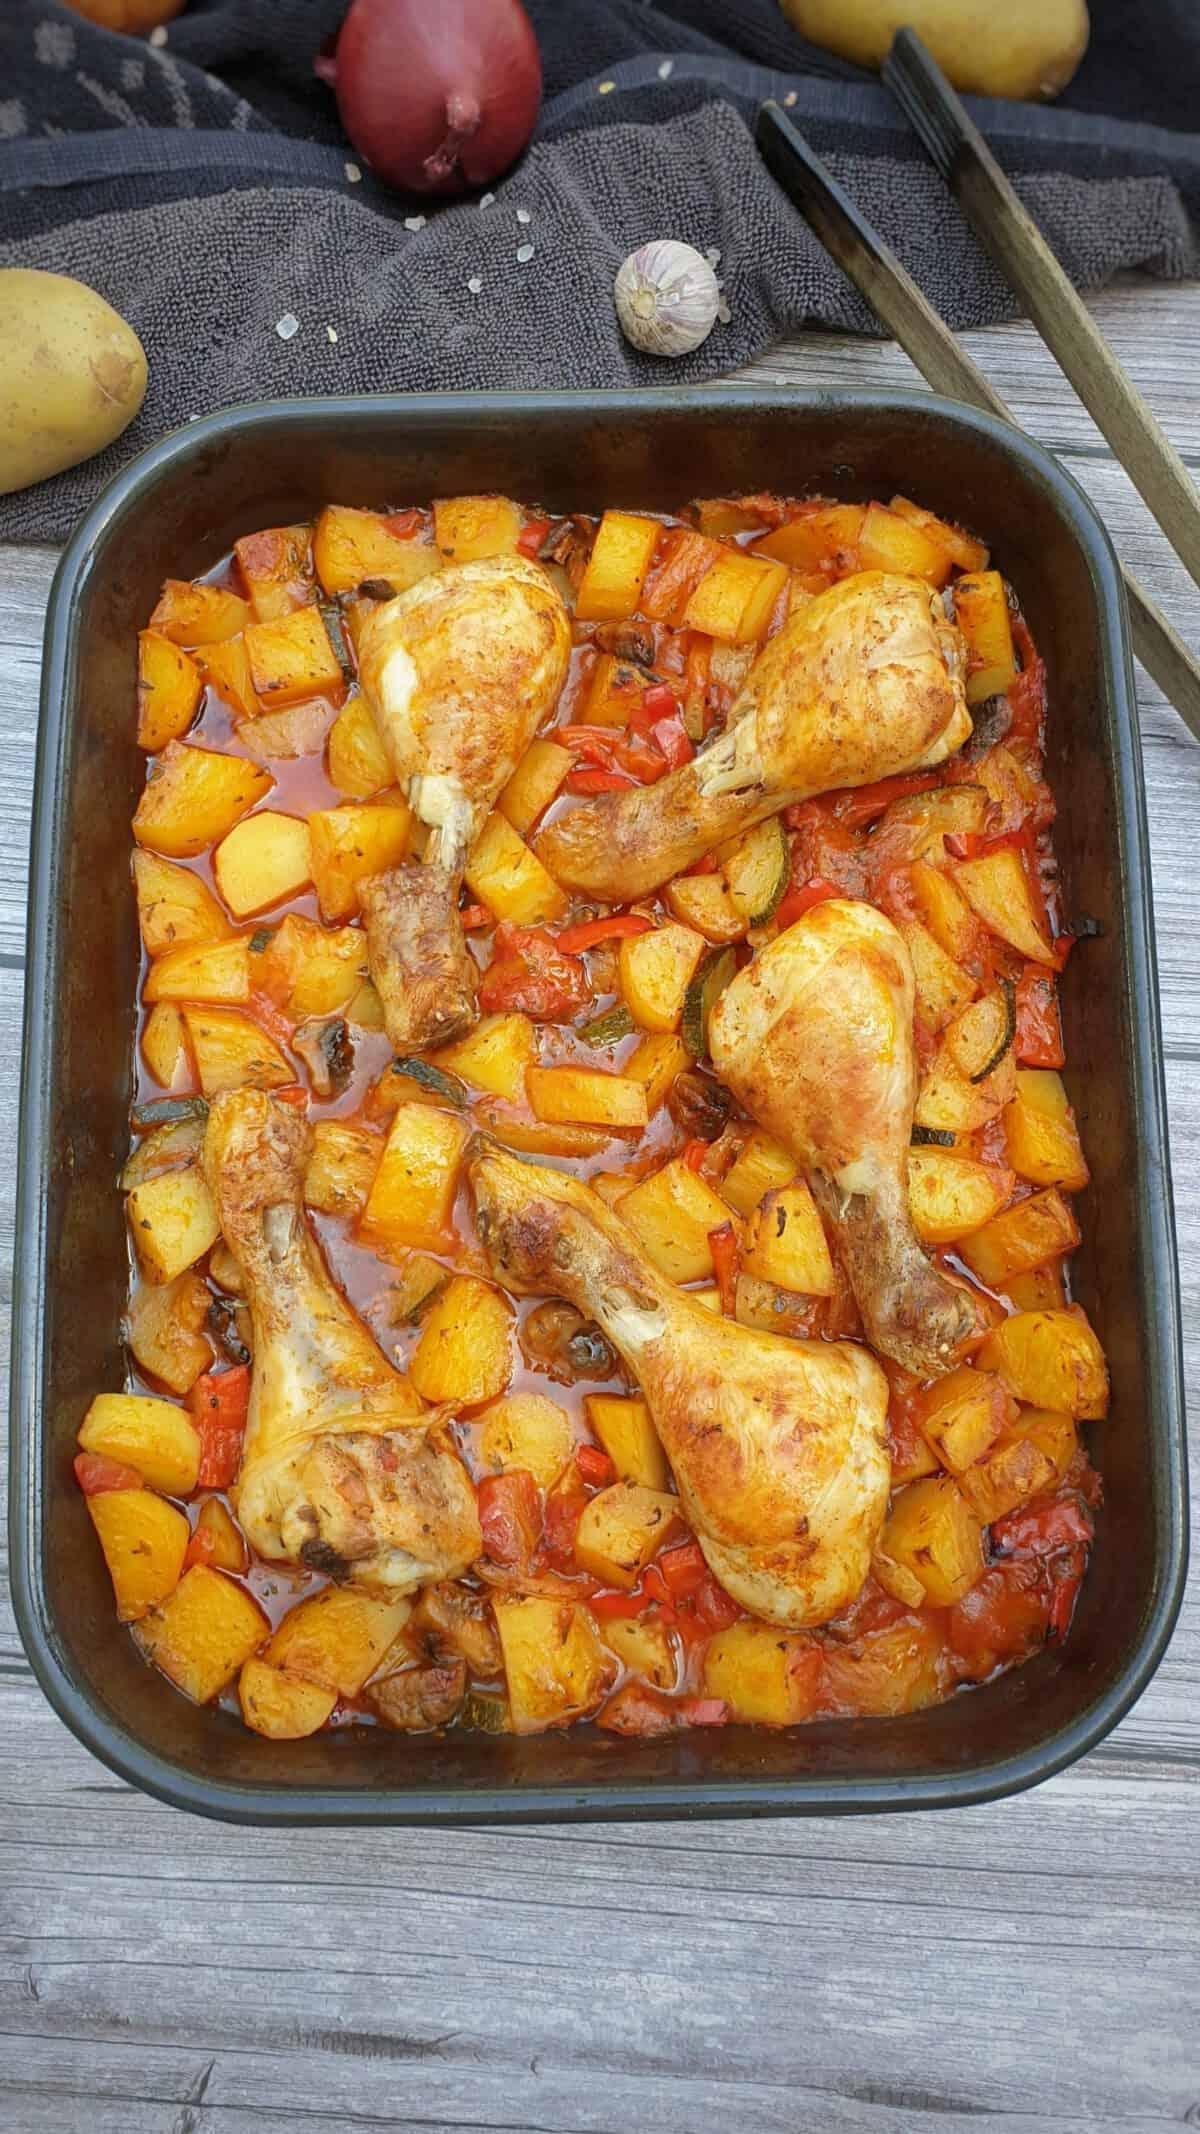 Hähnchen mit Kartoffel-Gemüse auf einem Ofenblech.